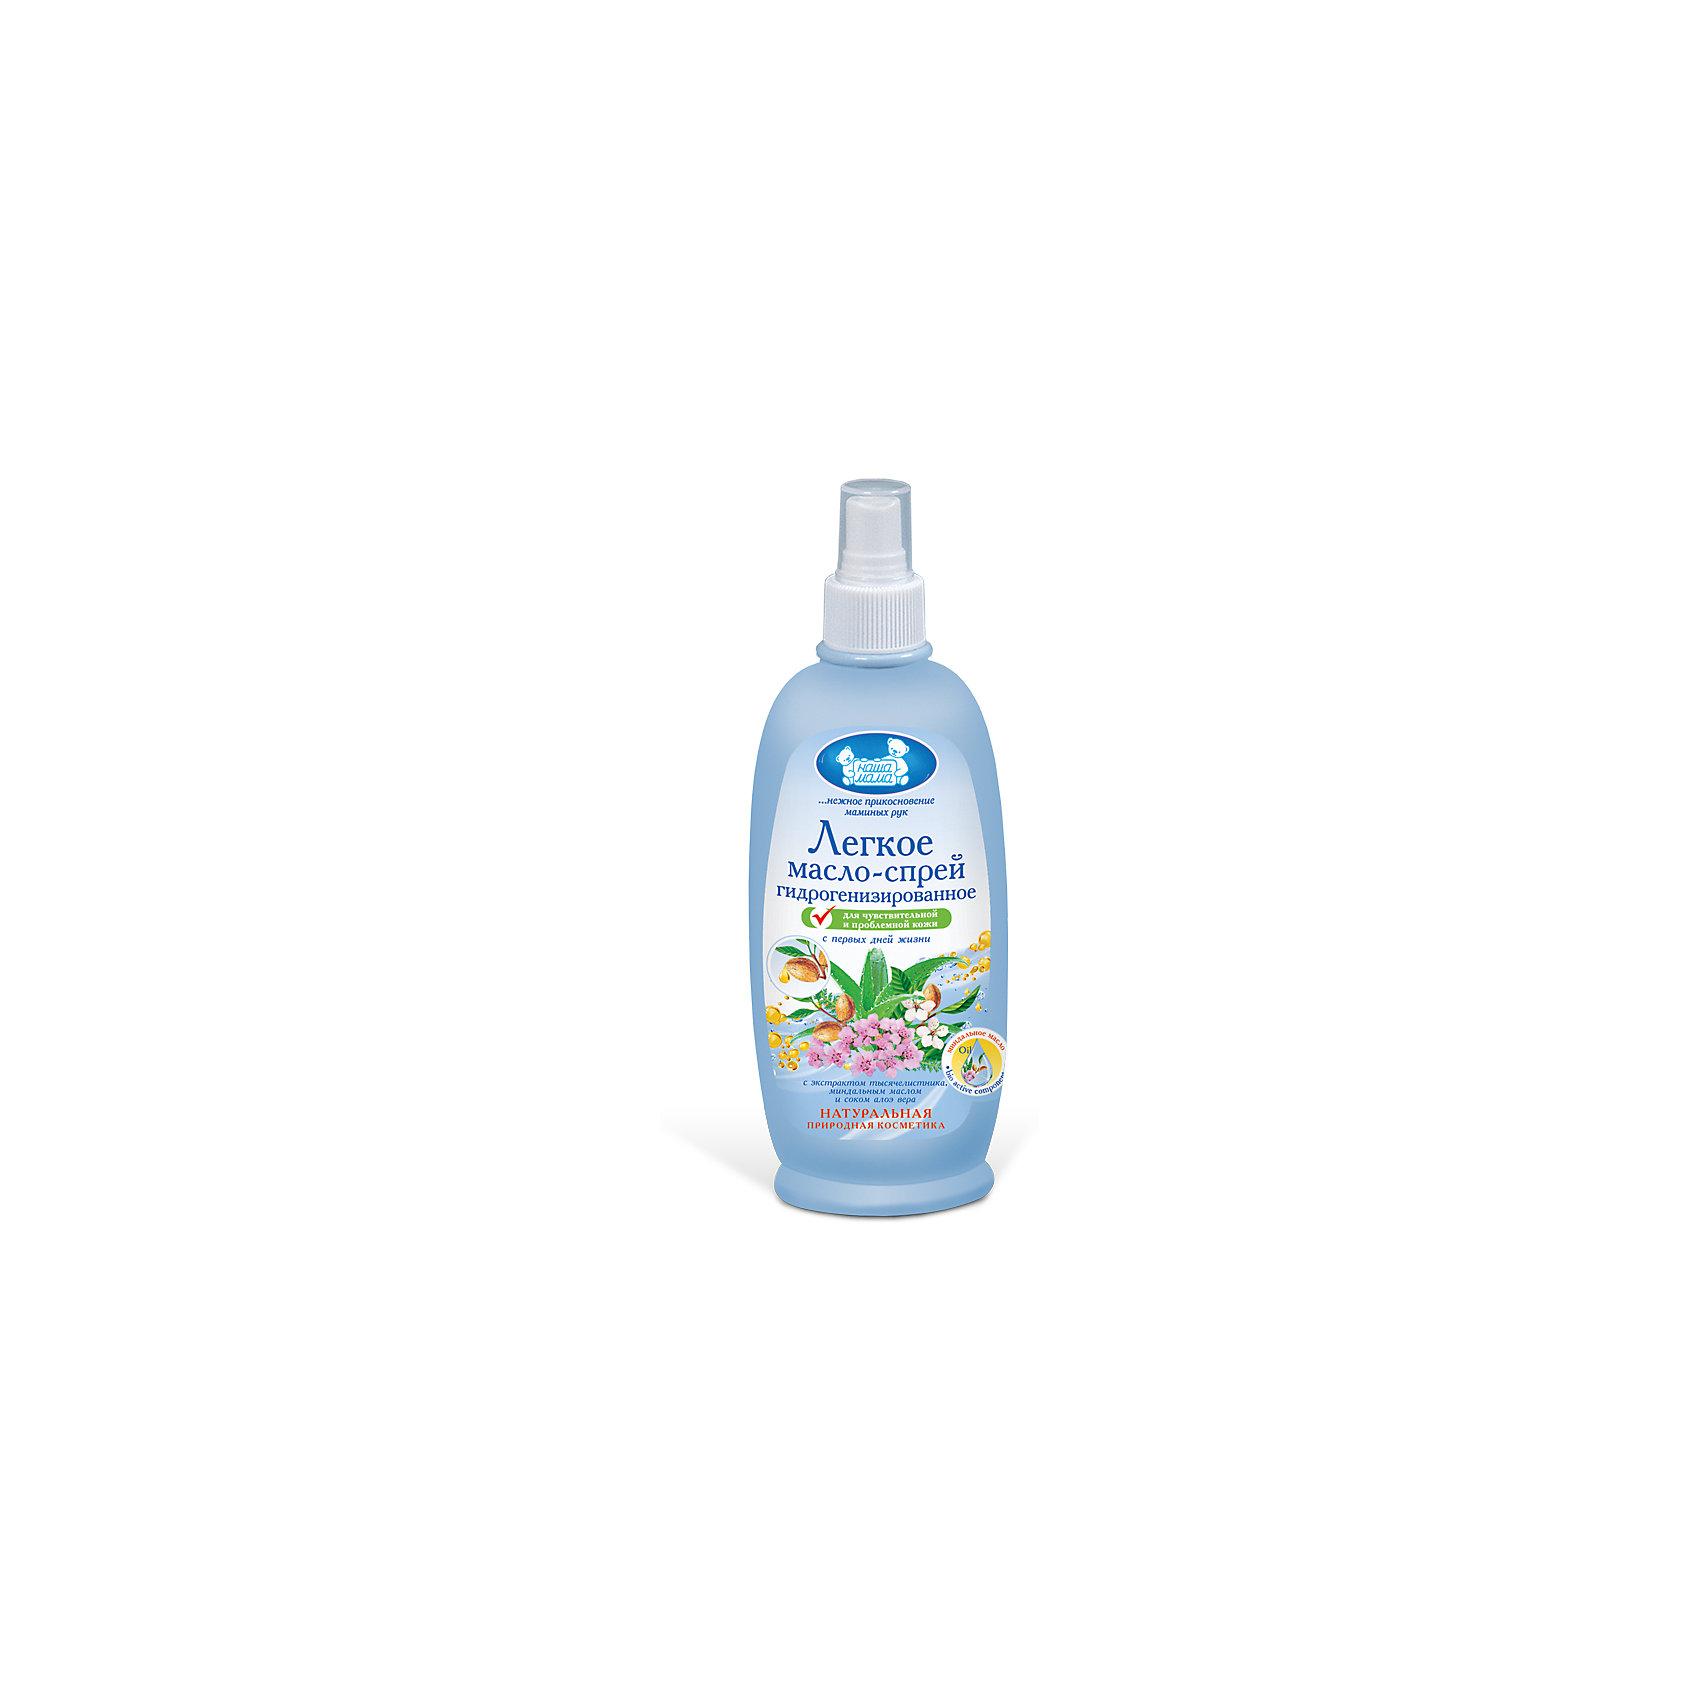 Гидрогенизированное легкое масло-спрей для чувствительной и проблемной кожи 250 мл., Наша мама